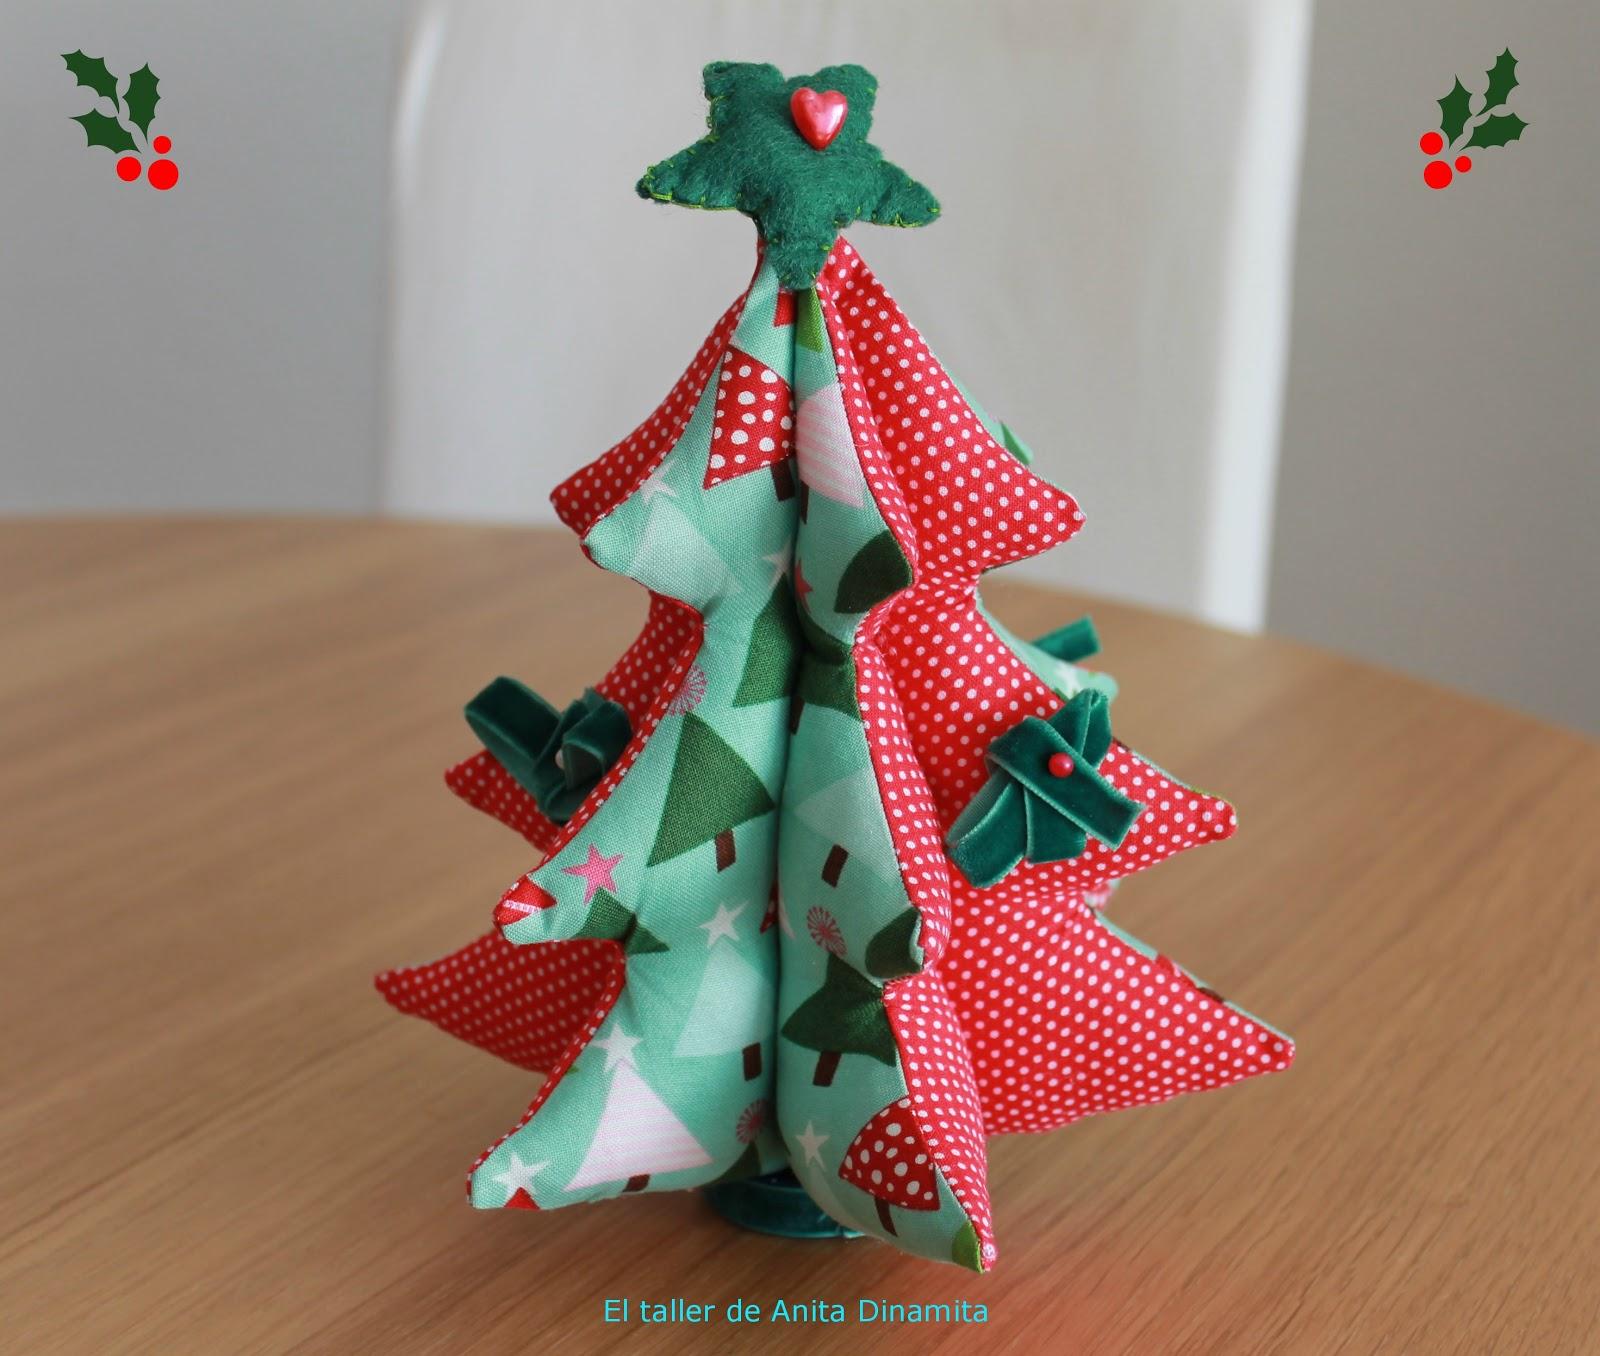 El taller de anitadinamita arbolito navide o de tela - Tutorial arbol de navidad ...